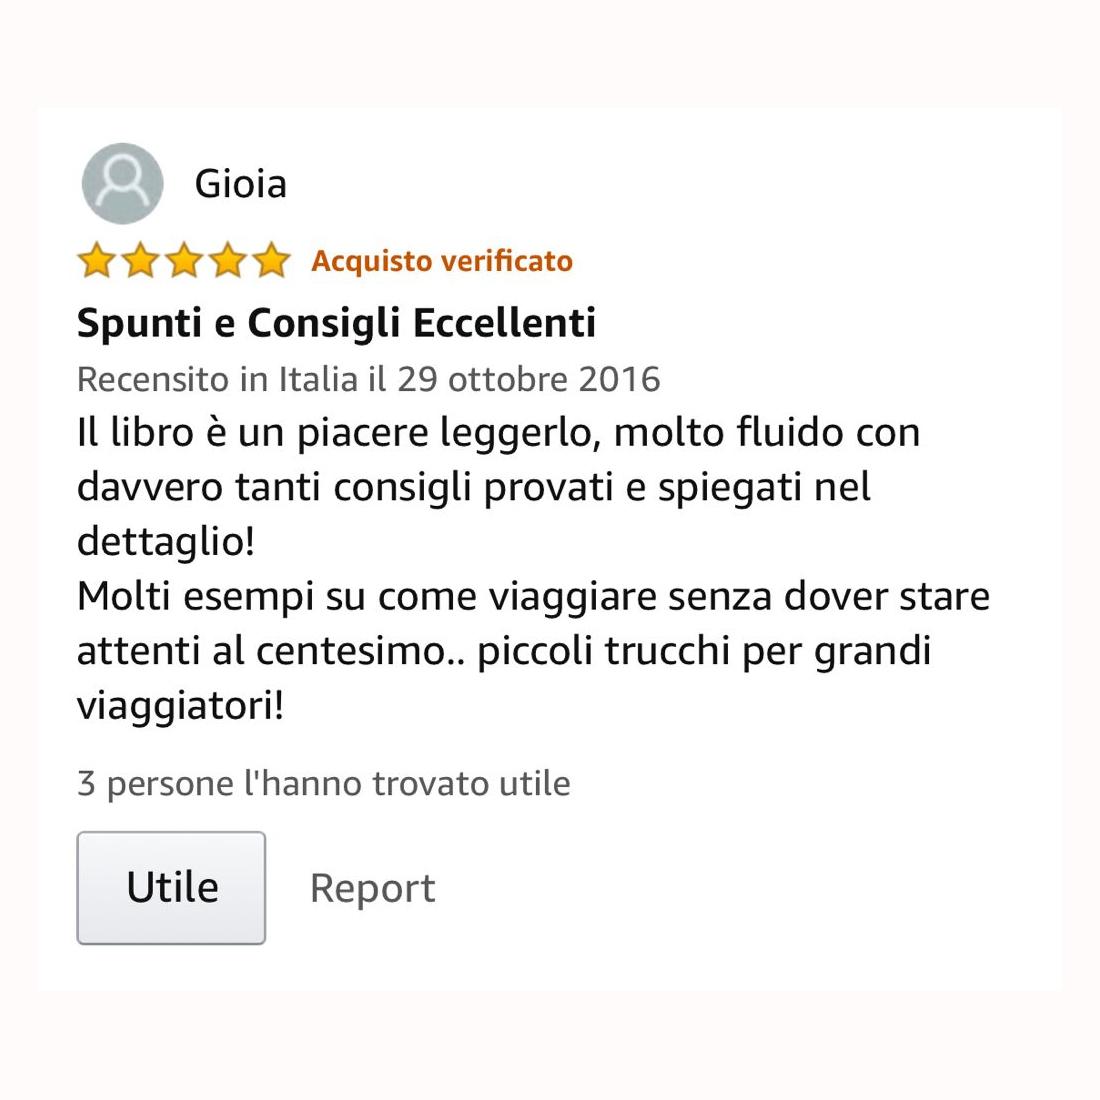 recensione 10 amazon guida viaggi low cost liliana monticone